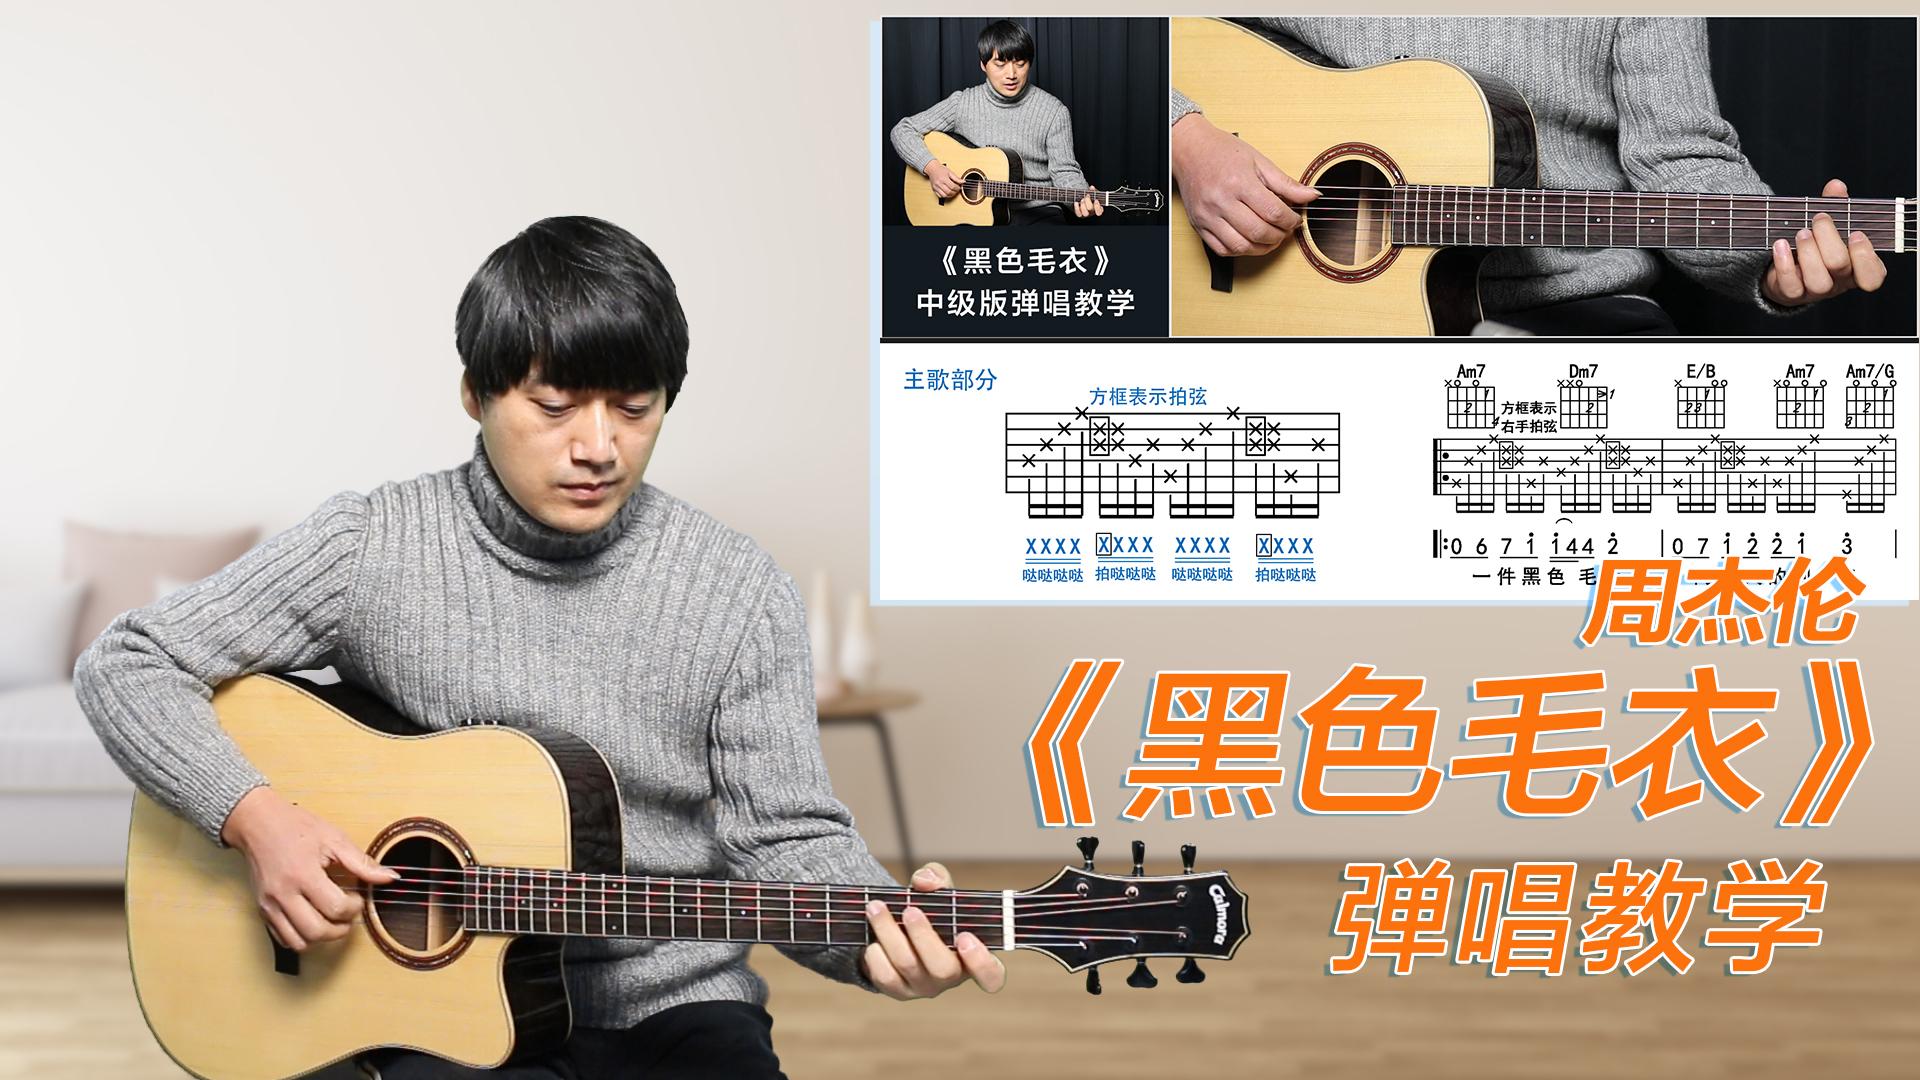 吉他弹唱演示及教学《黑色毛衣》周杰伦 酷音小伟吉他弹唱教学